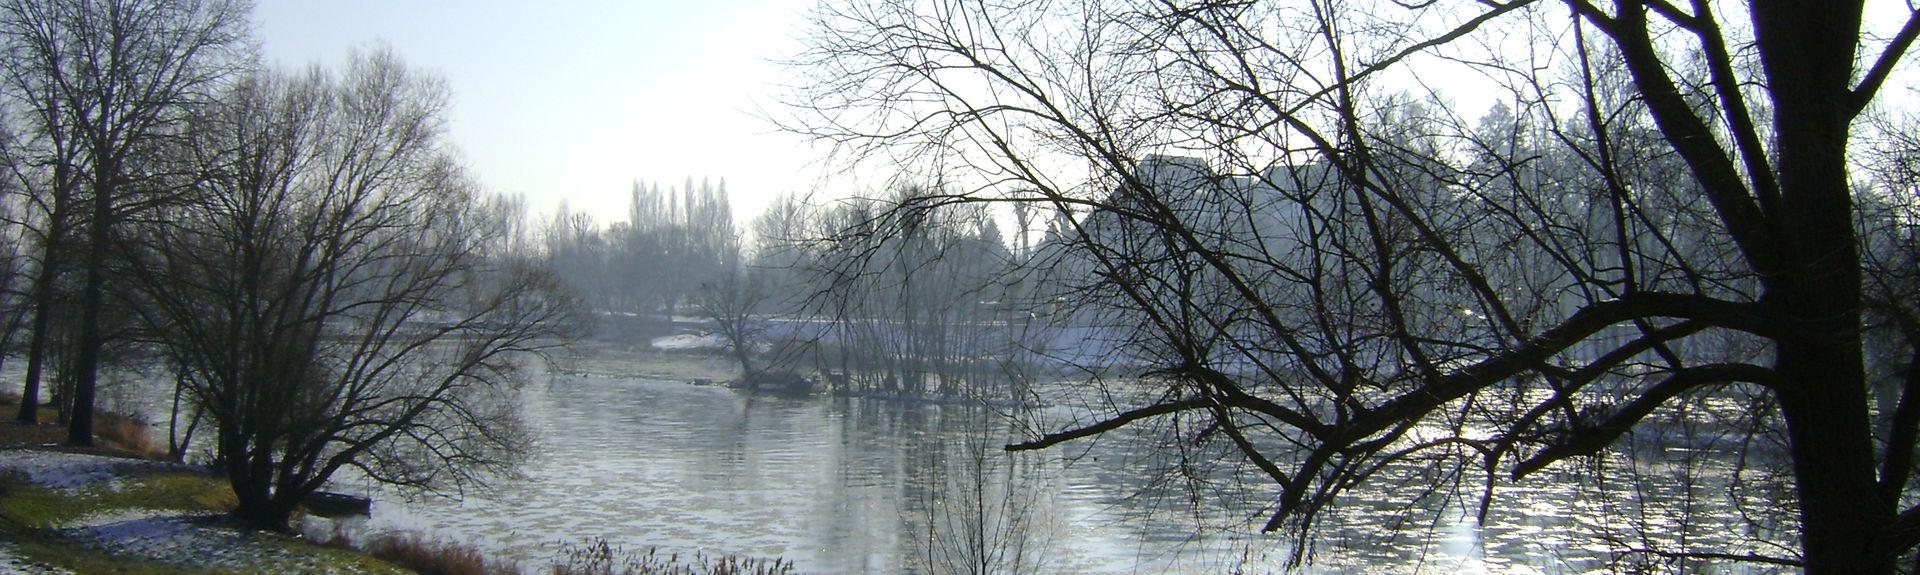 La Croix-en-Touraine, Indre-et-Loire (dipartimento), Francia